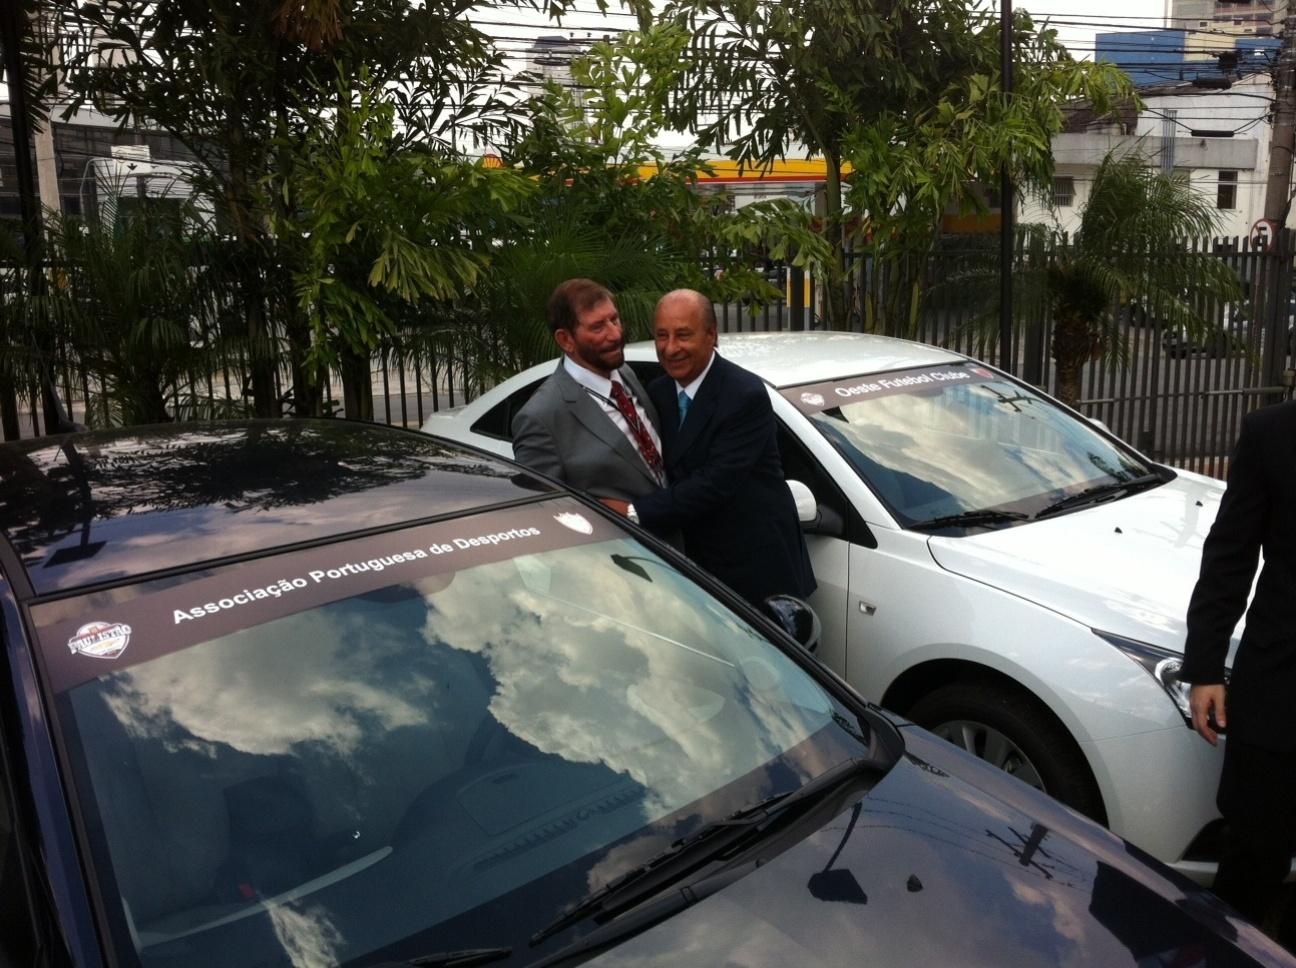 20jan2014 - Presidente da Portuguesa recebe carro de presente da Federação Paulista de Futebol